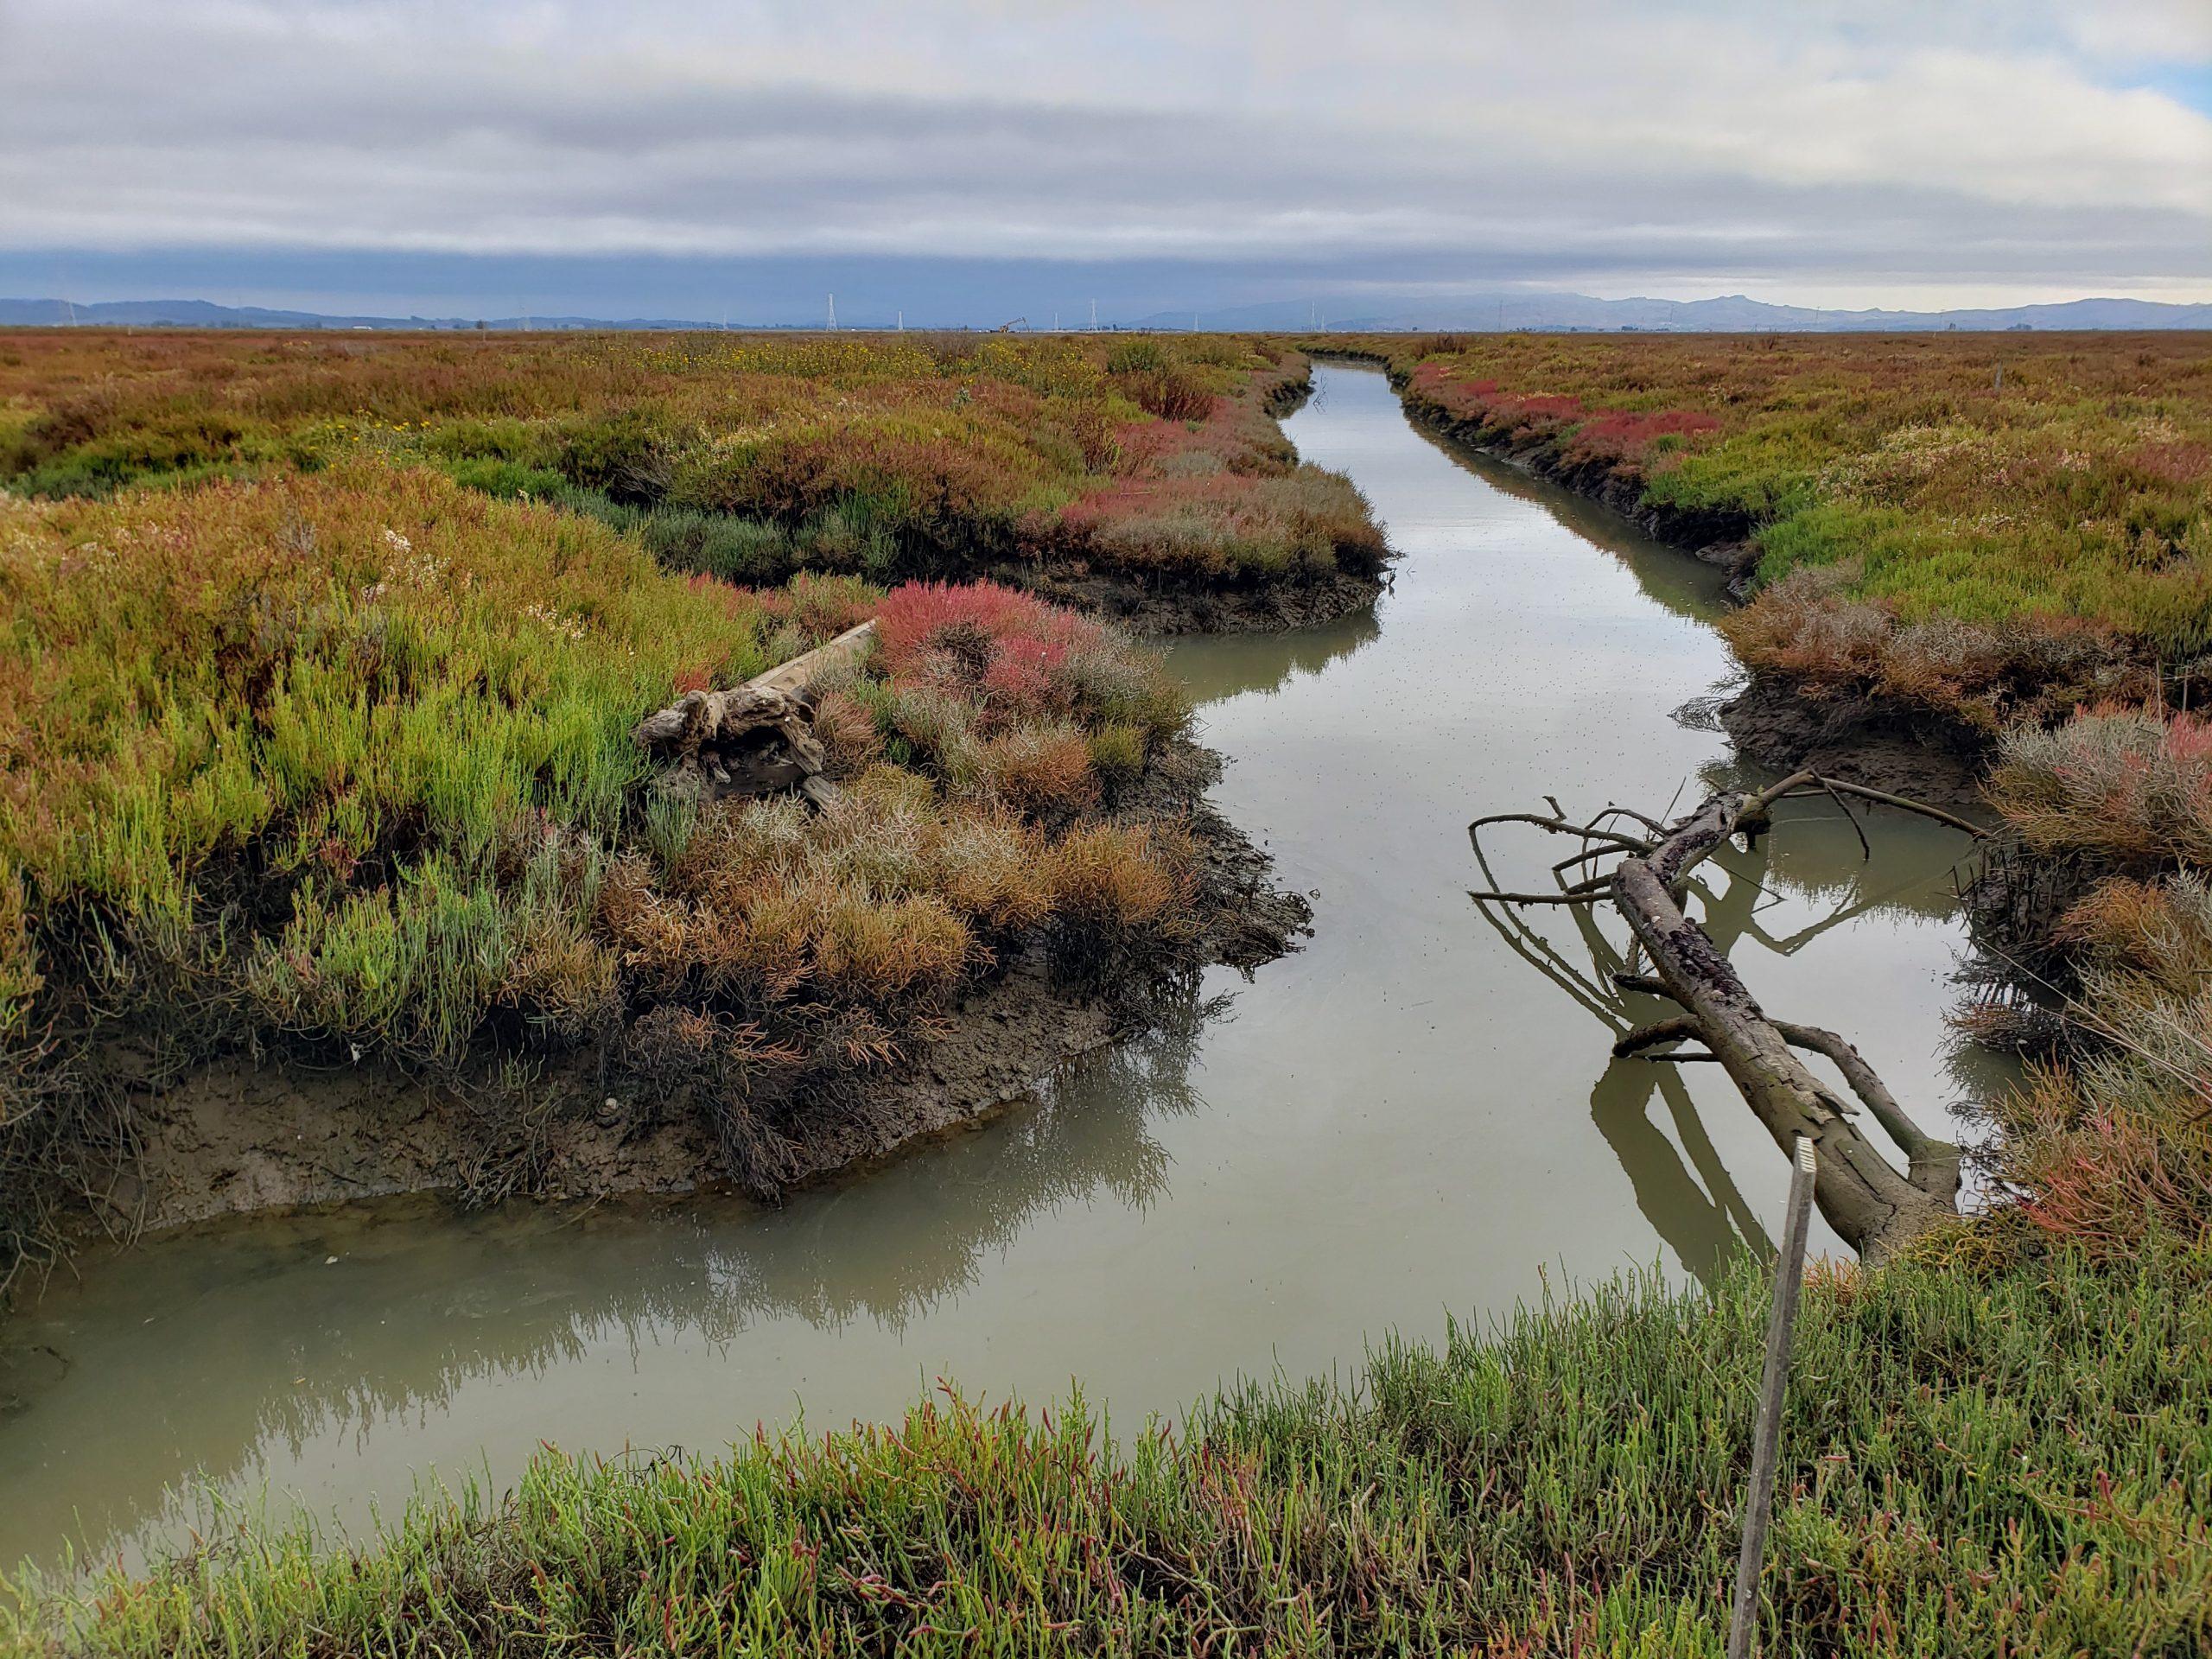 Marsh channel